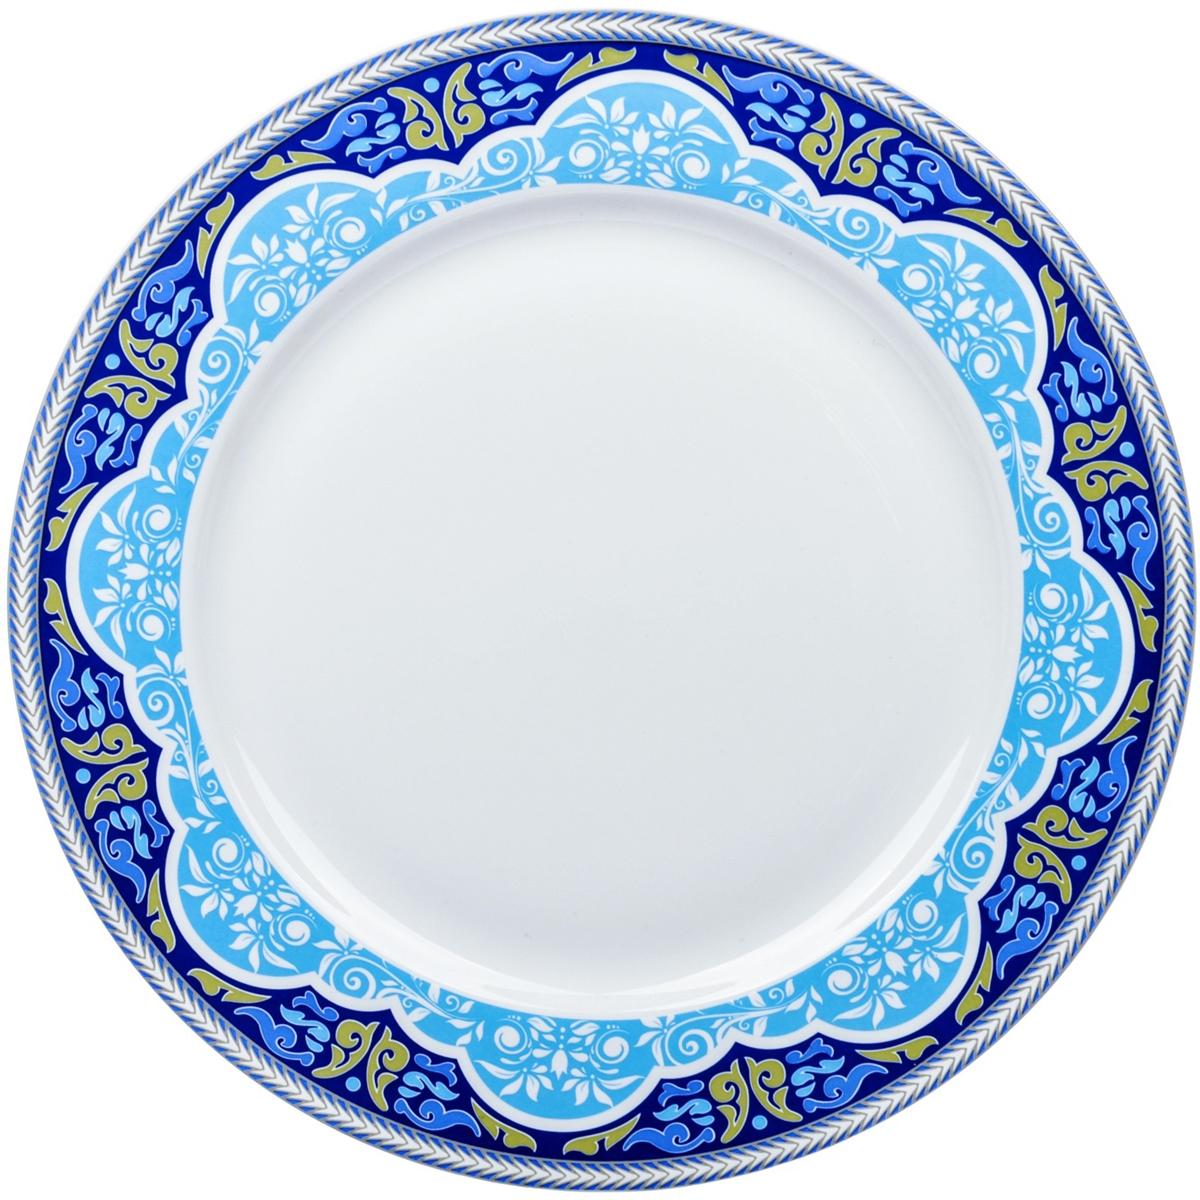 Тарелка обеденная Dasen Лазурный орнамент, диаметр 23 смDNNB0002-2Тарелка Dasen Лазурный орнамент изготовлена из высококачественного фаянса. Предназначена для красивой подачи различных блюд. Изделие декорировано изящным рисунком. Такая тарелка украсит сервировку стола и подчеркнет прекрасный вкус хозяйки. Она дополнит коллекцию вашей кухонной посуды и будет служить долгие годы.Можно мыть в посудомоечной машине и использовать в СВЧ.